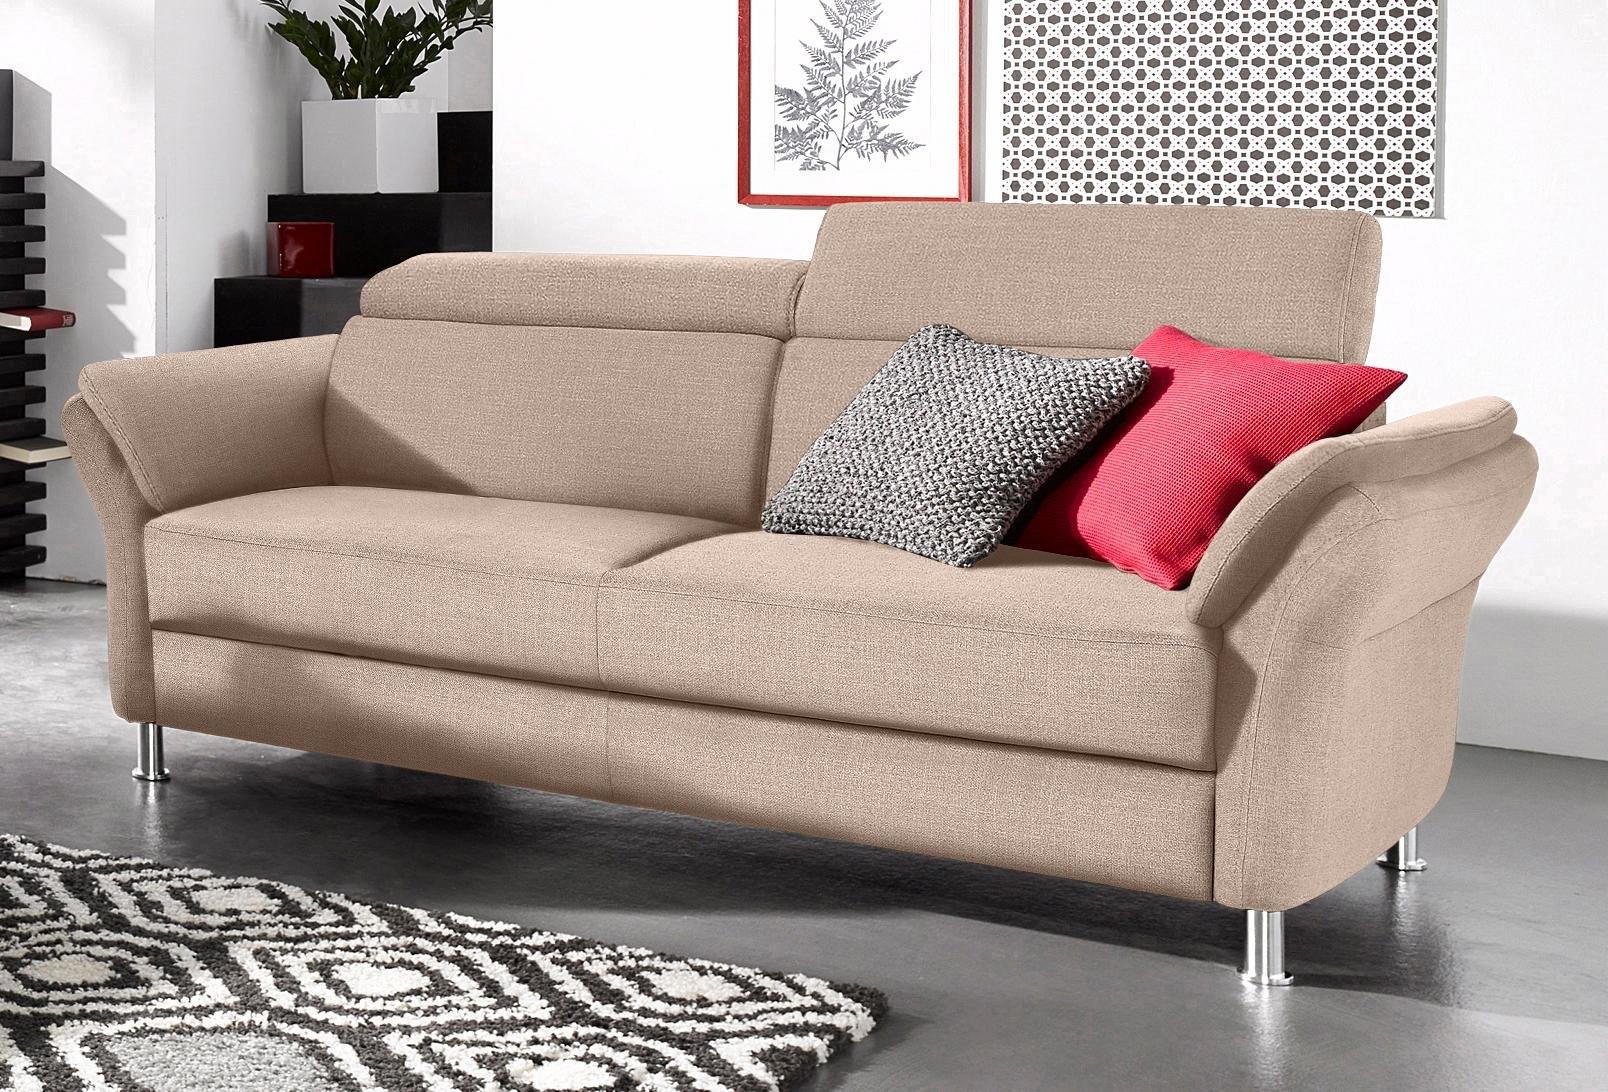 Sofa Bed Kwantum.Kwantum Banken Latest Kwantum Rotan Stoel Elegant X De Mooiste